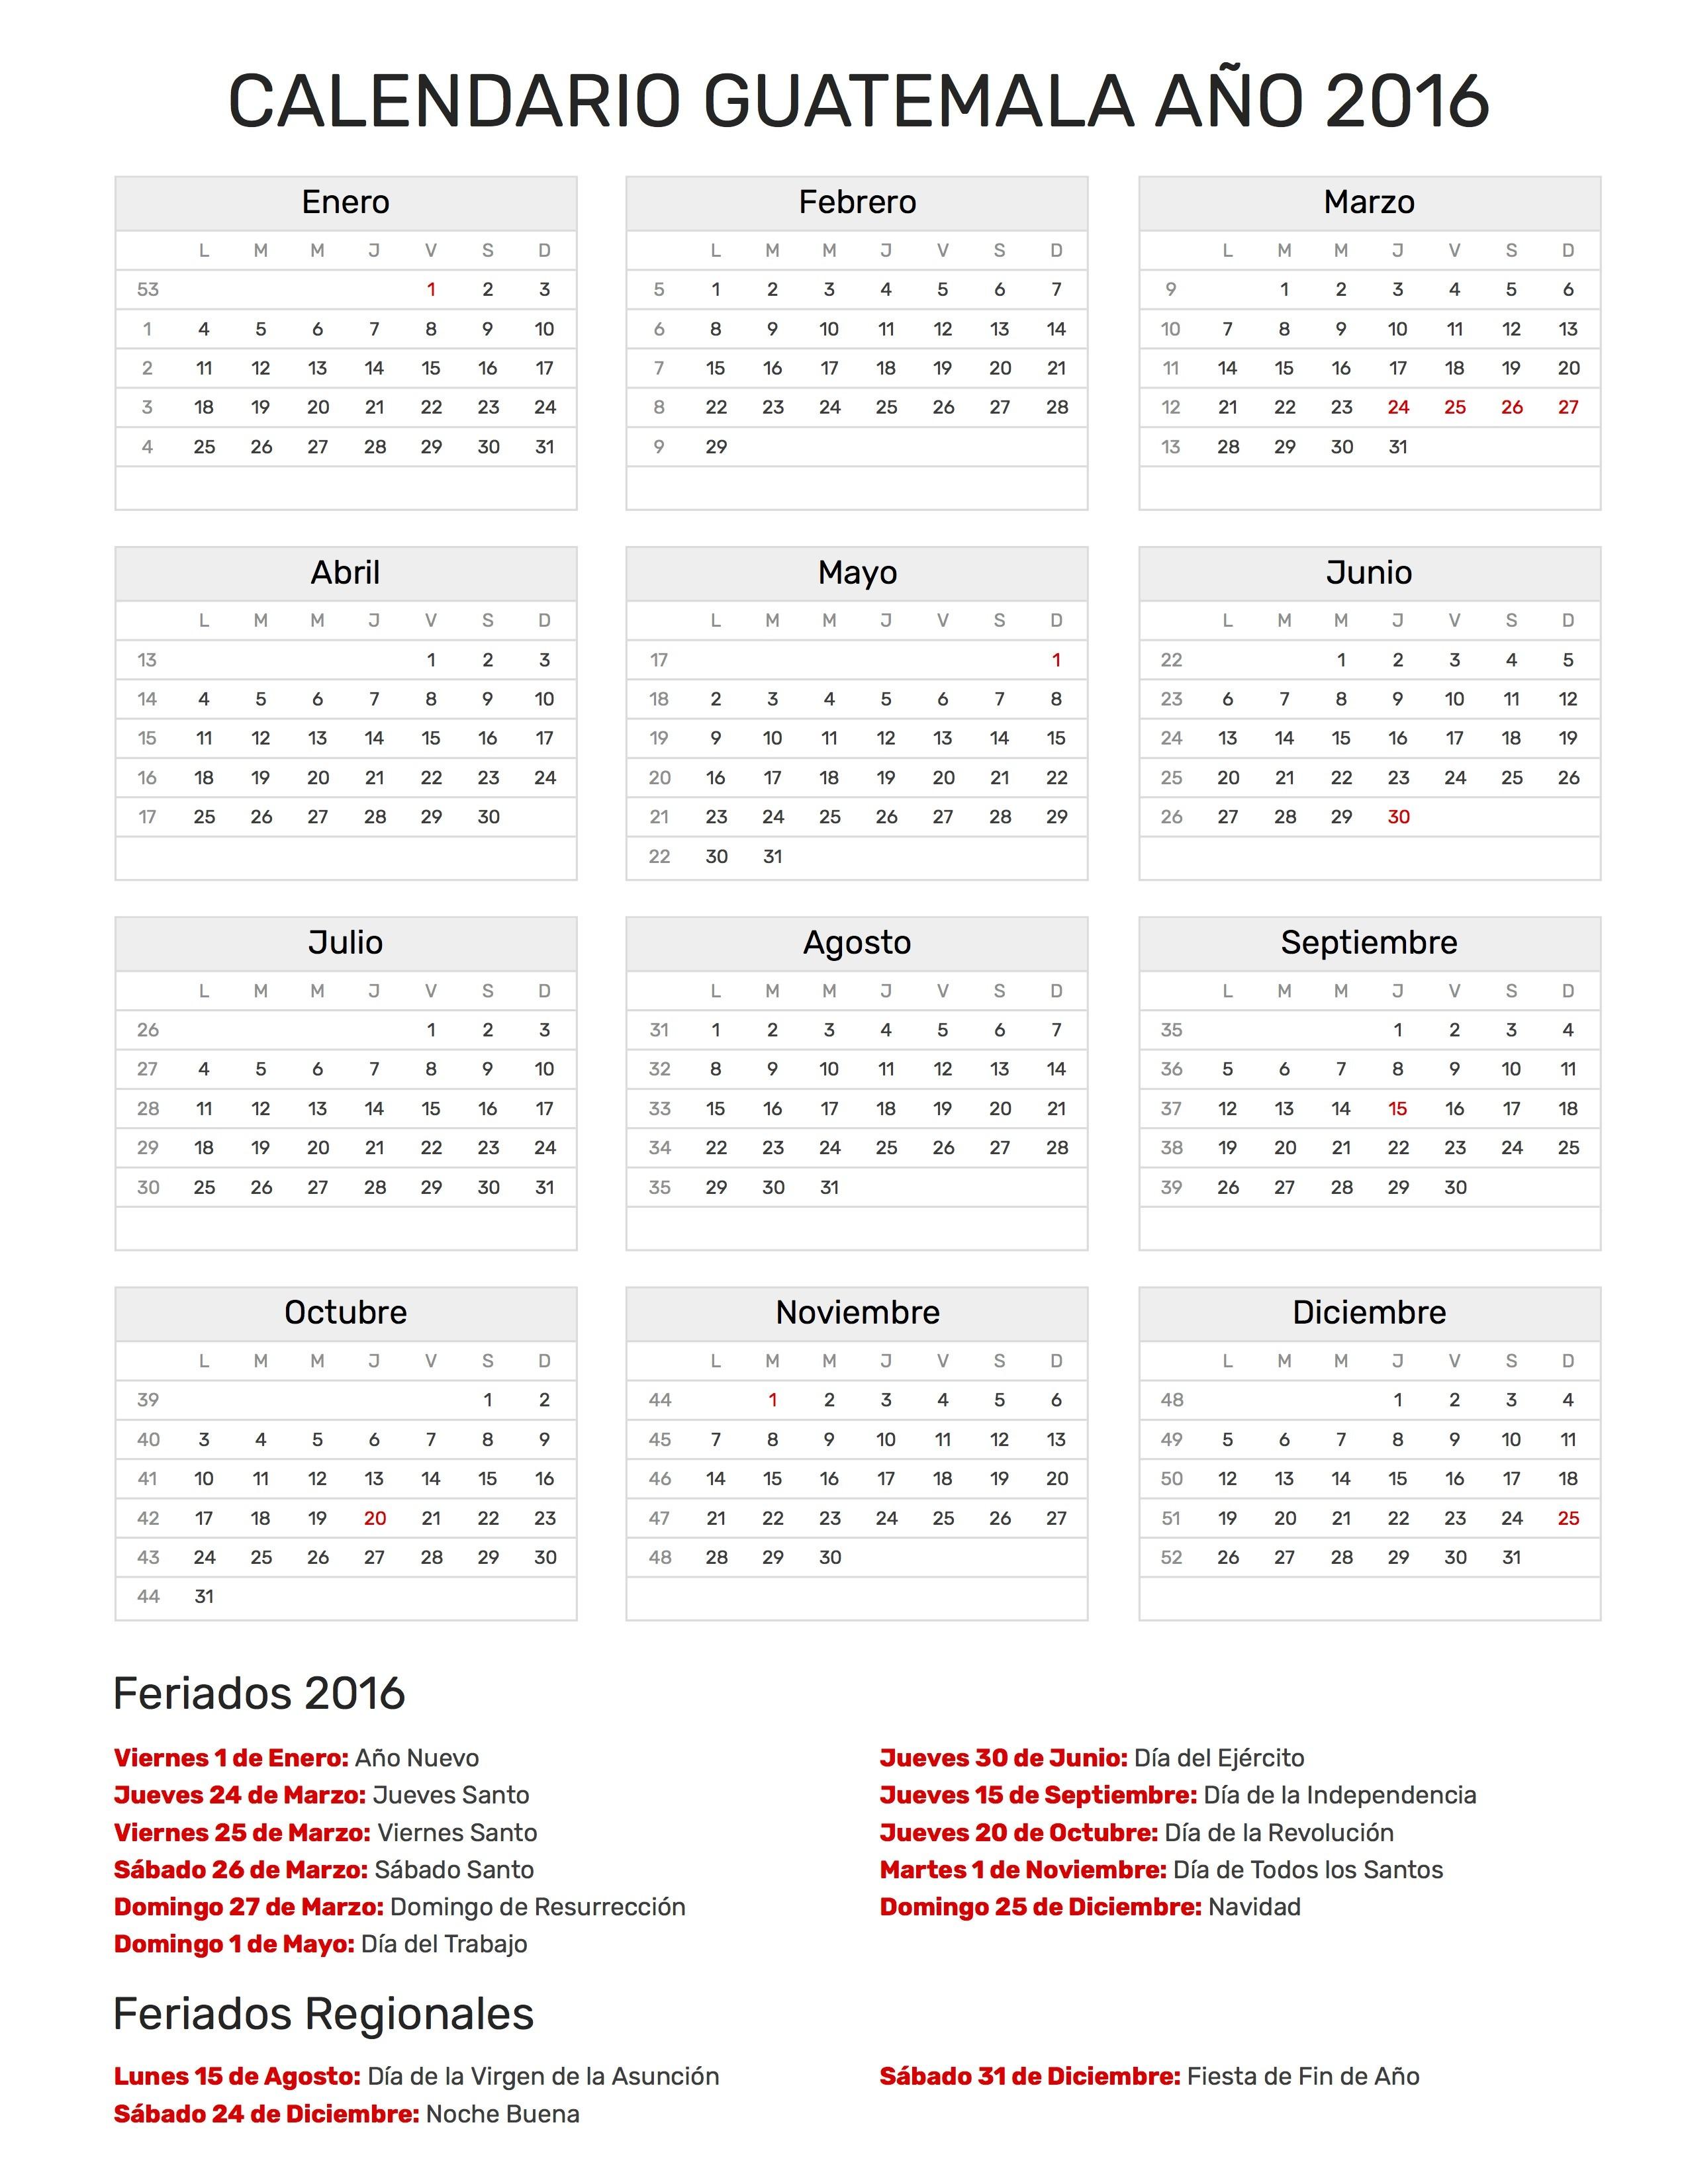 Calendario Guatemala A±o 2016